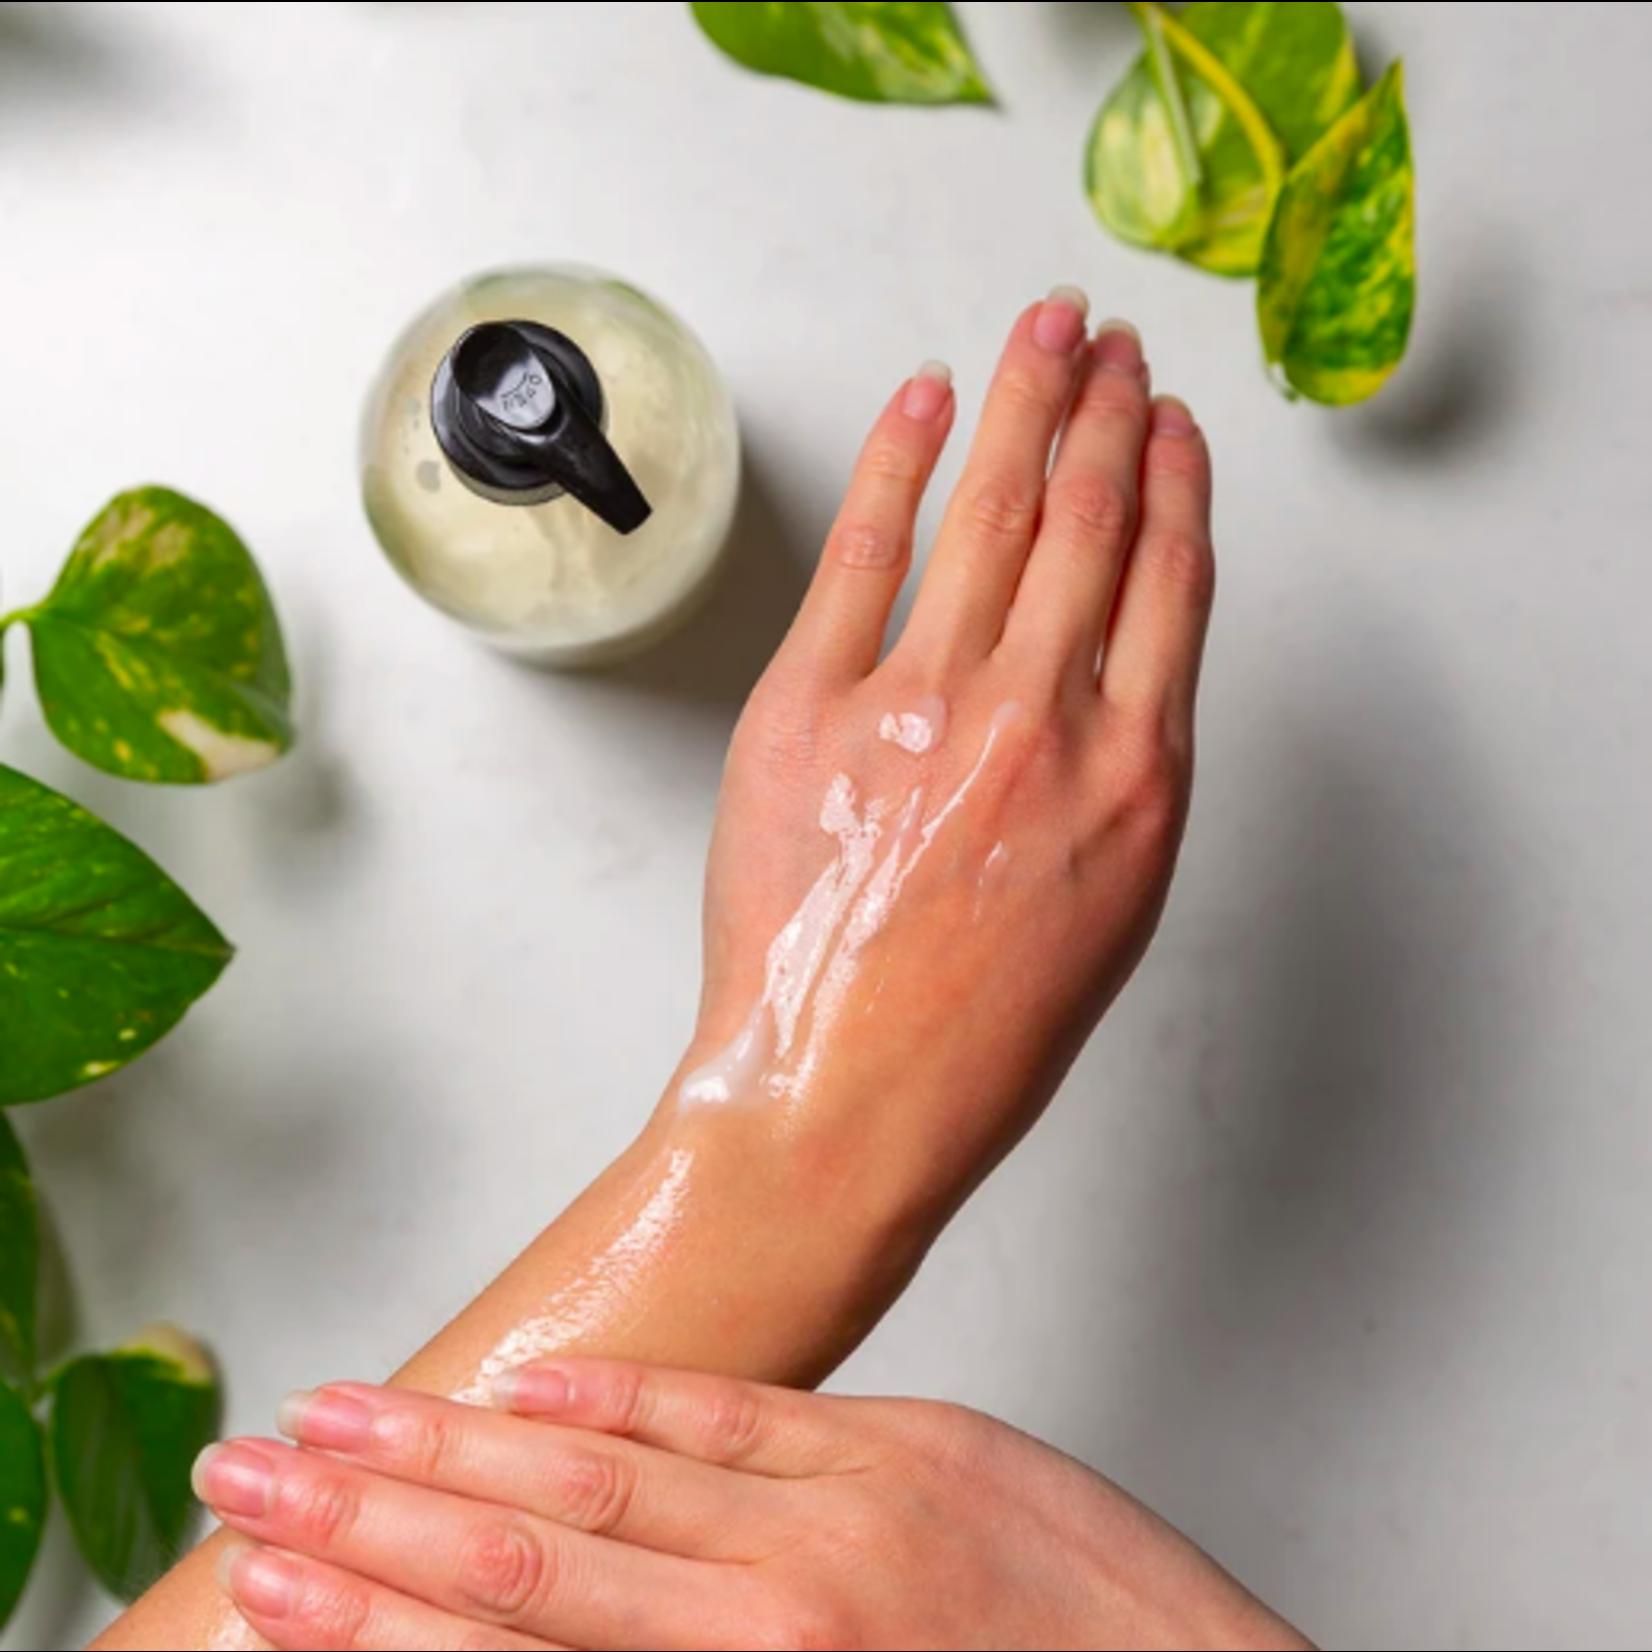 Ethique Ethique Hydrating Body Lotion Concentrate - Flourish